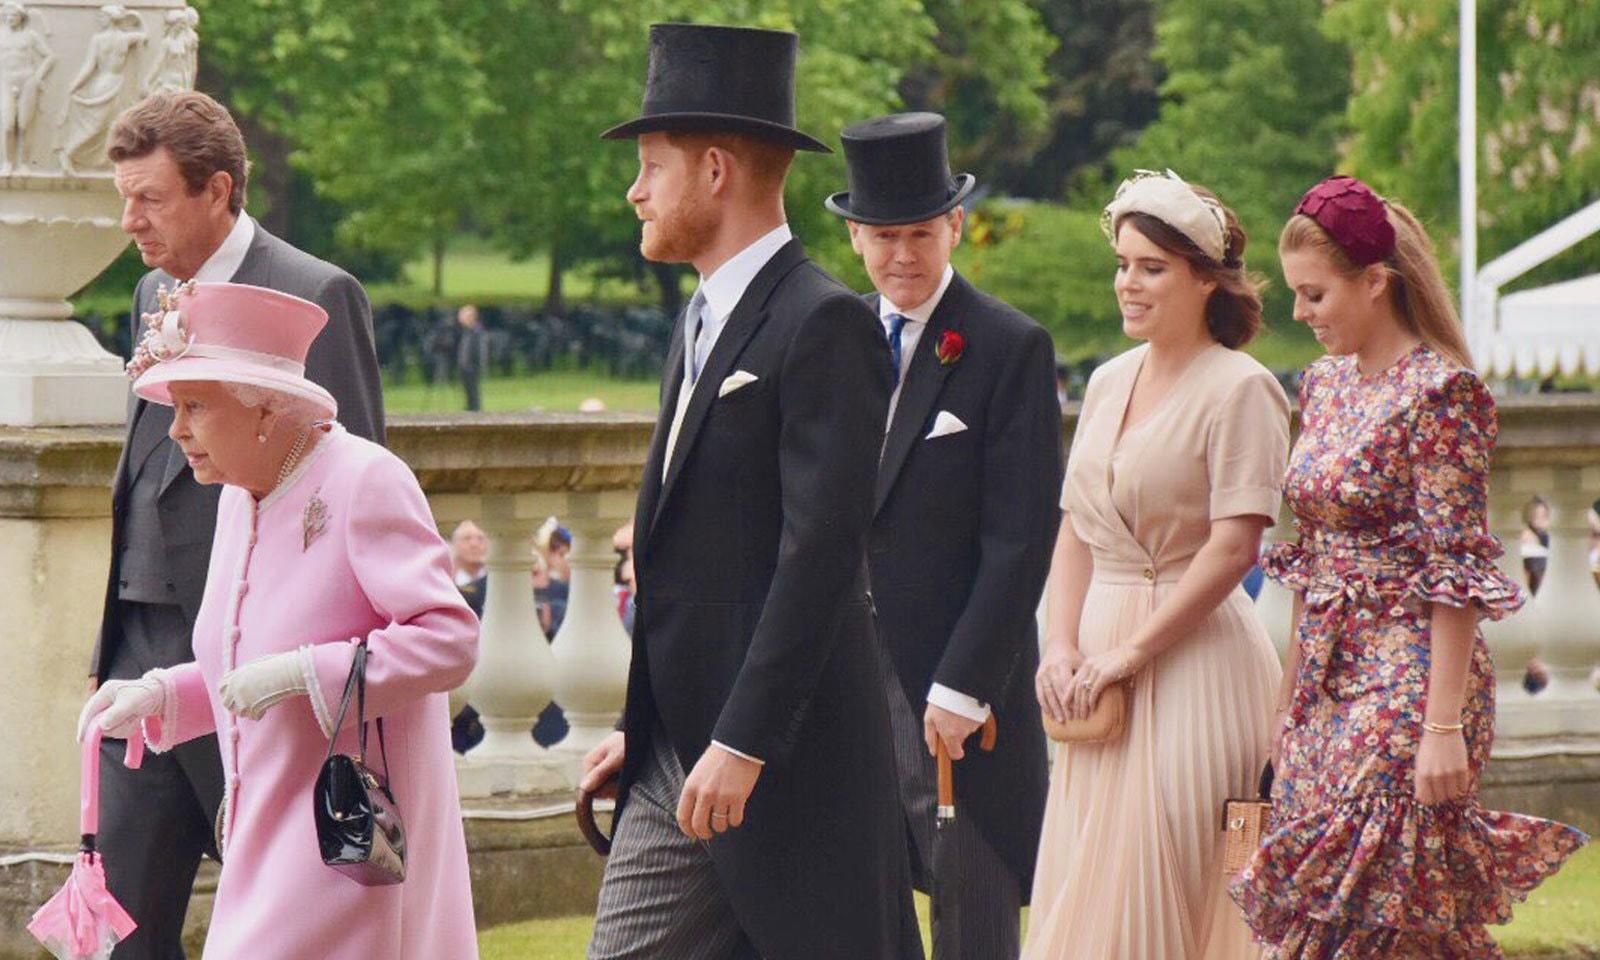 ملکہ برطانیہ کے ہمراہ شاہی خاندان کے دیگر افراد نے اوپننگ پارٹی میں شرکت کی — فوٹو: دی رائل فیملی